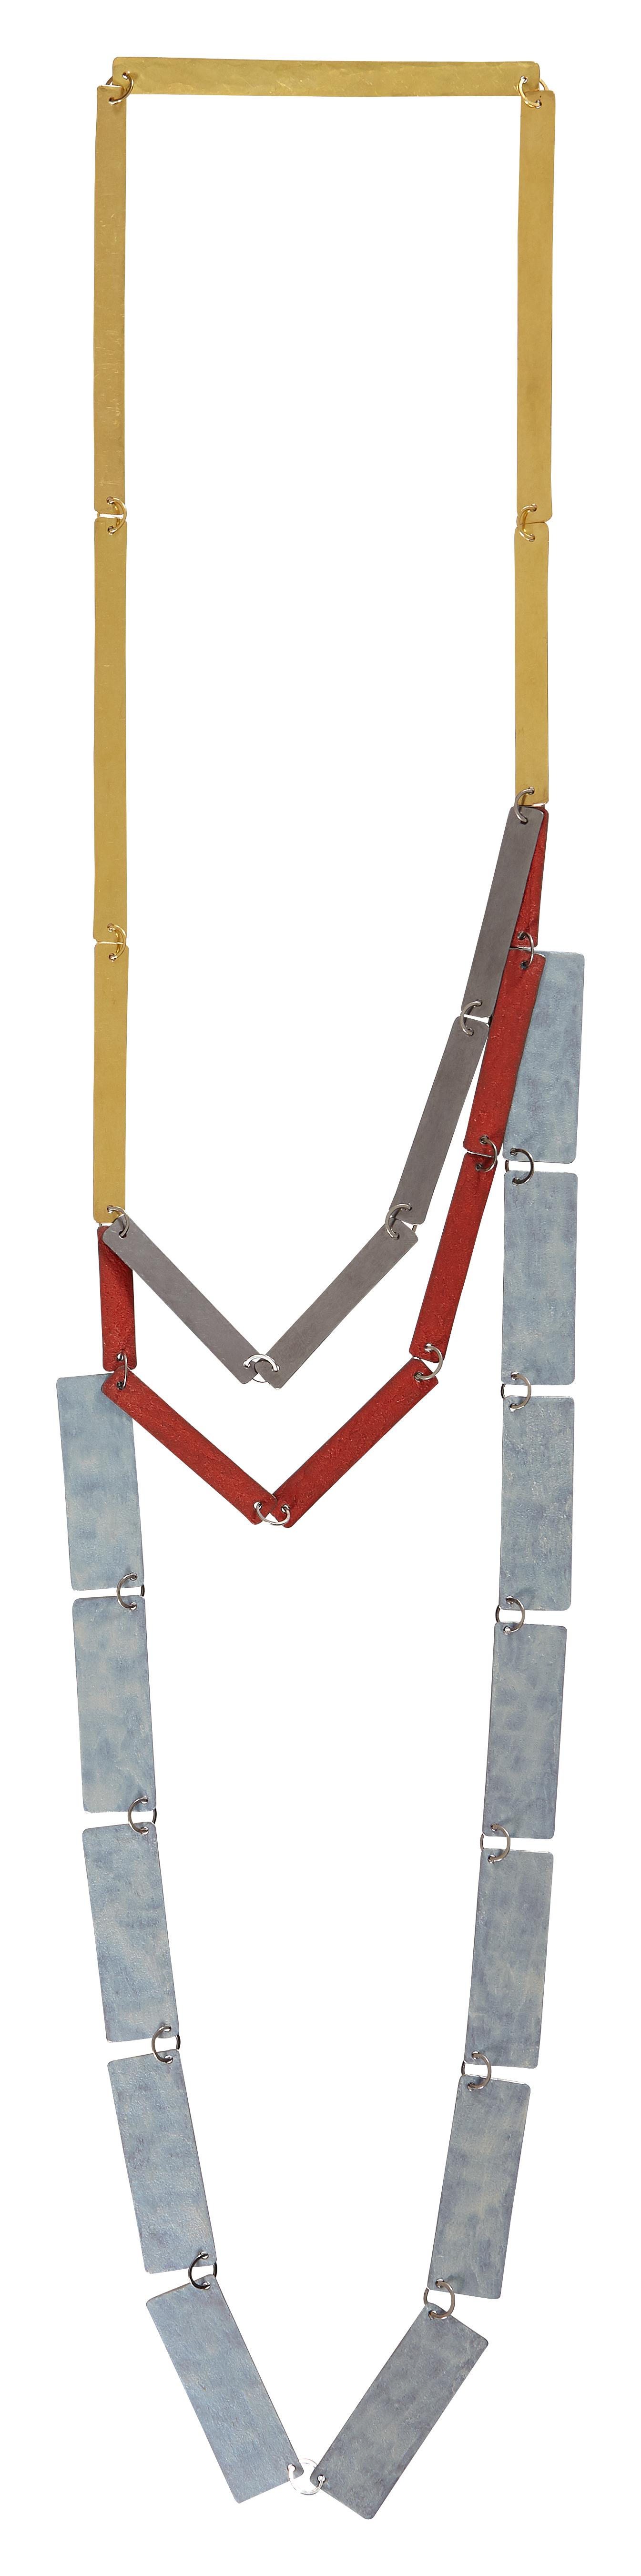 Annelies Planteijdt, Mooie stad, rode blauwe kamers, fase 2, halssieraad, 2001, goud, metaal, email